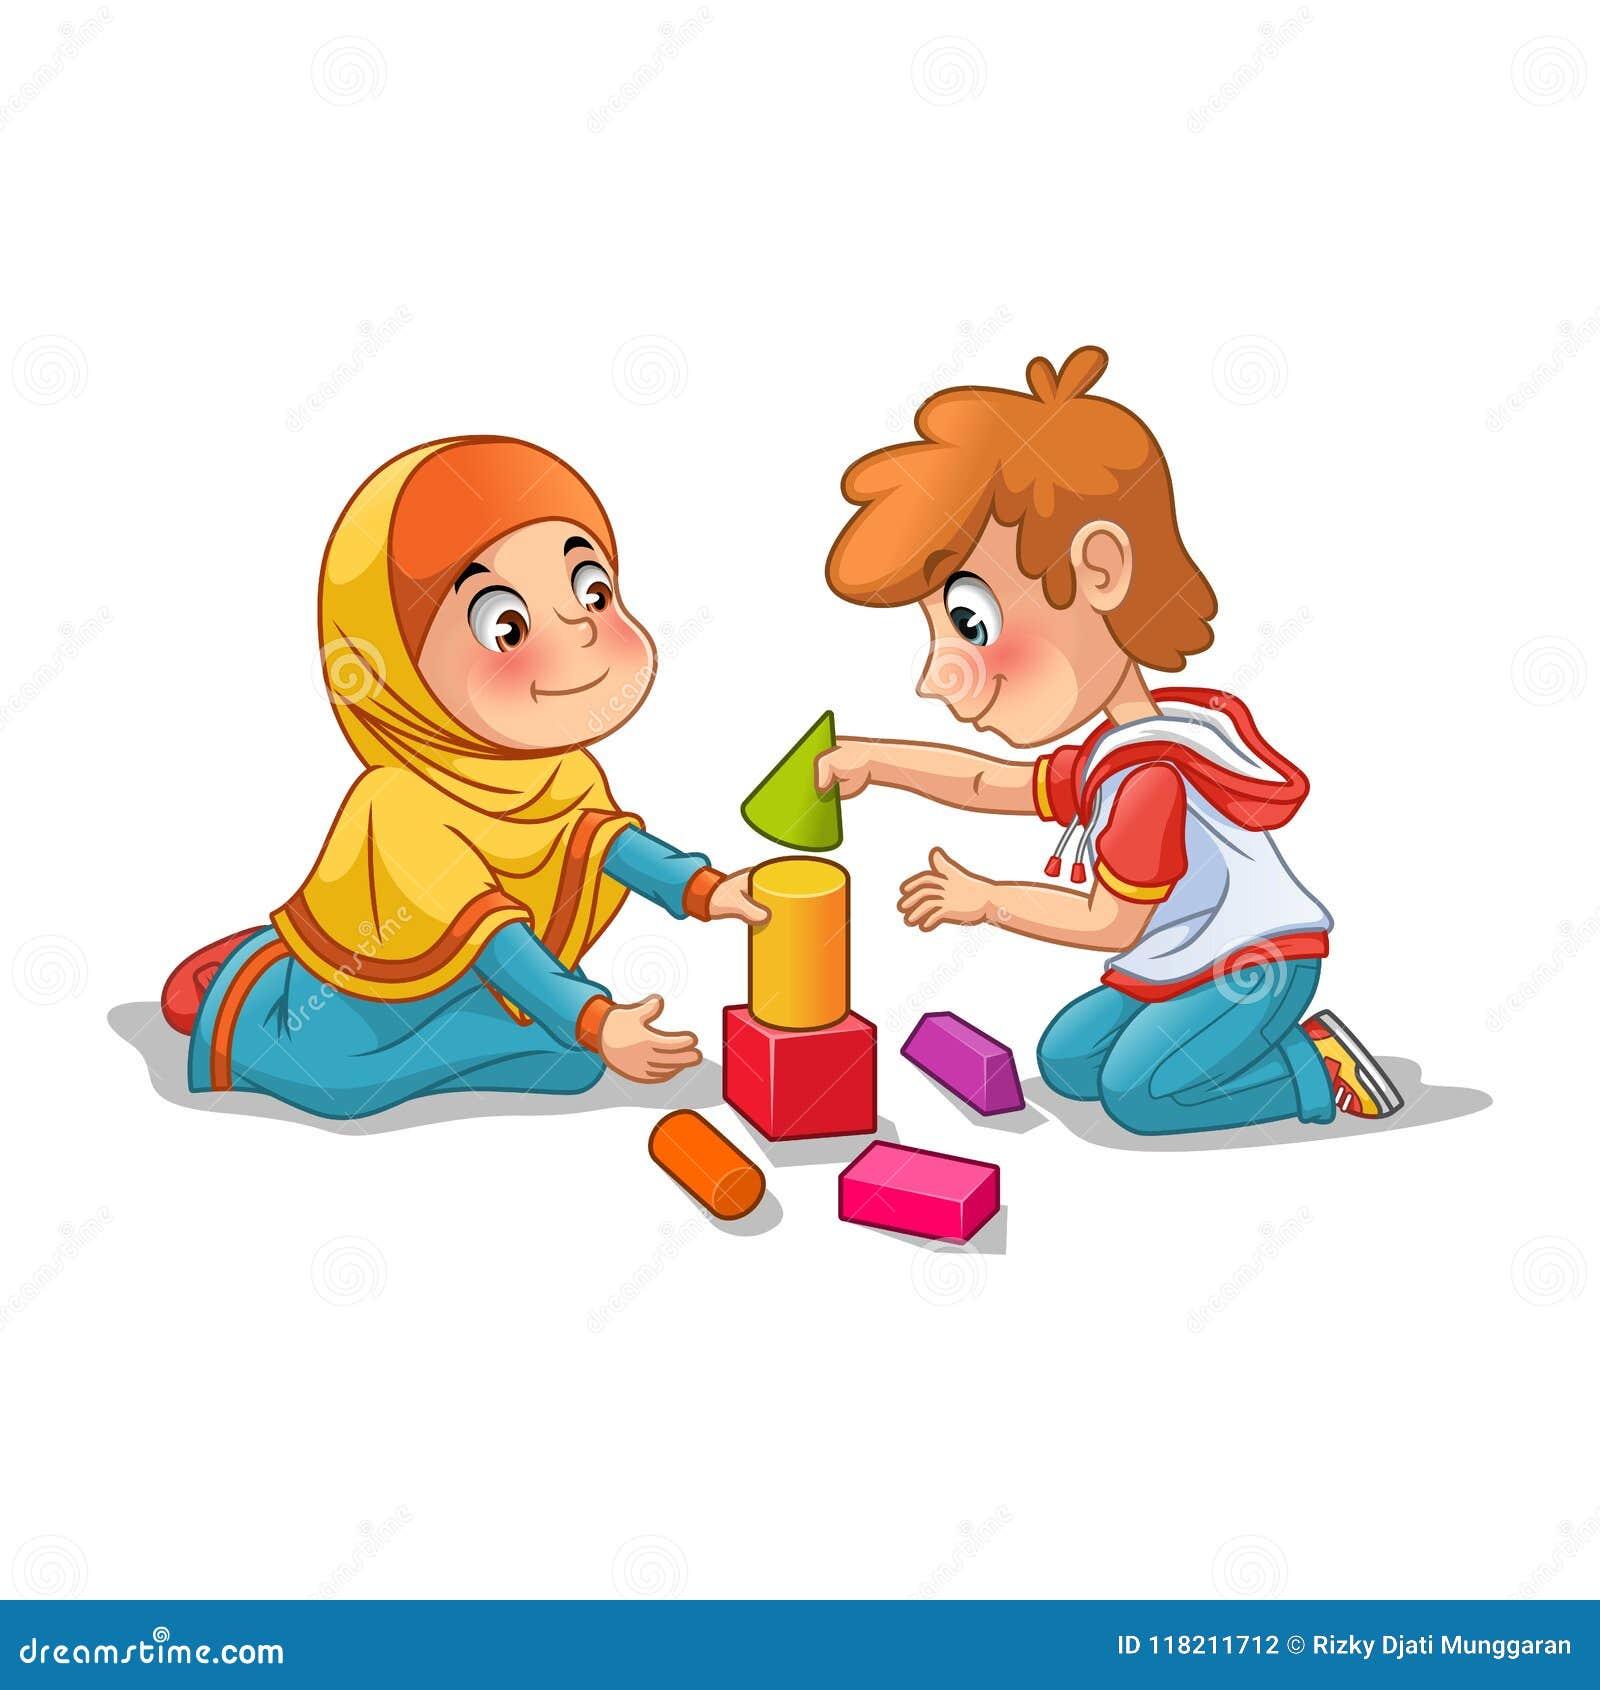 Moslemisches Mädchen und Junge, die mit Bausteinen spielt